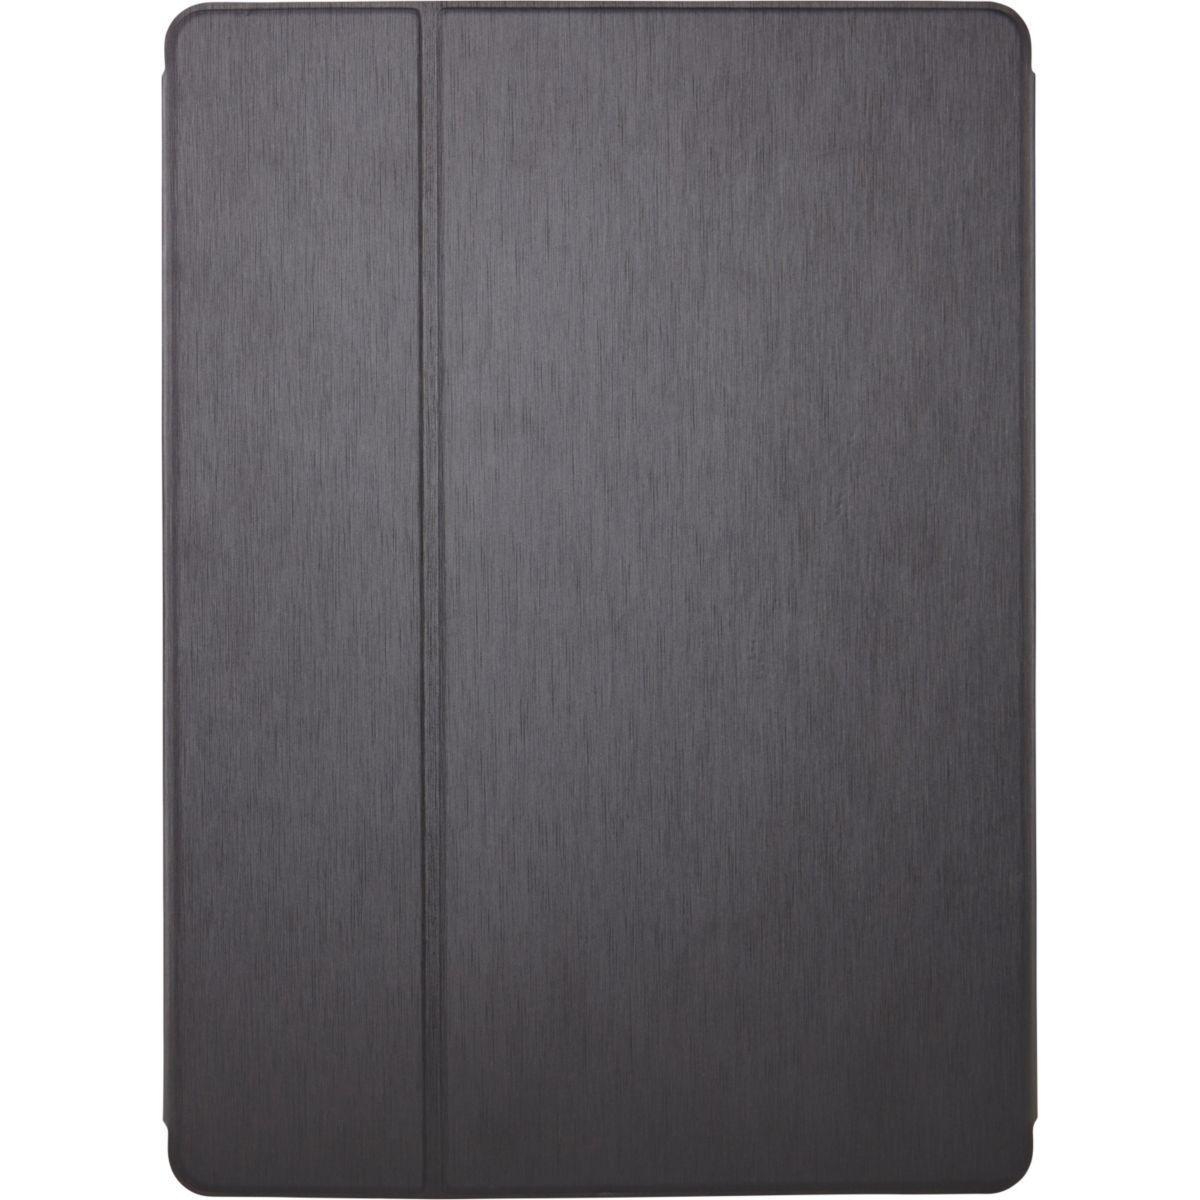 Folio caselogic porte folio noir ipad pro - 20% de remise immédiate avec le code : multi20 (photo)